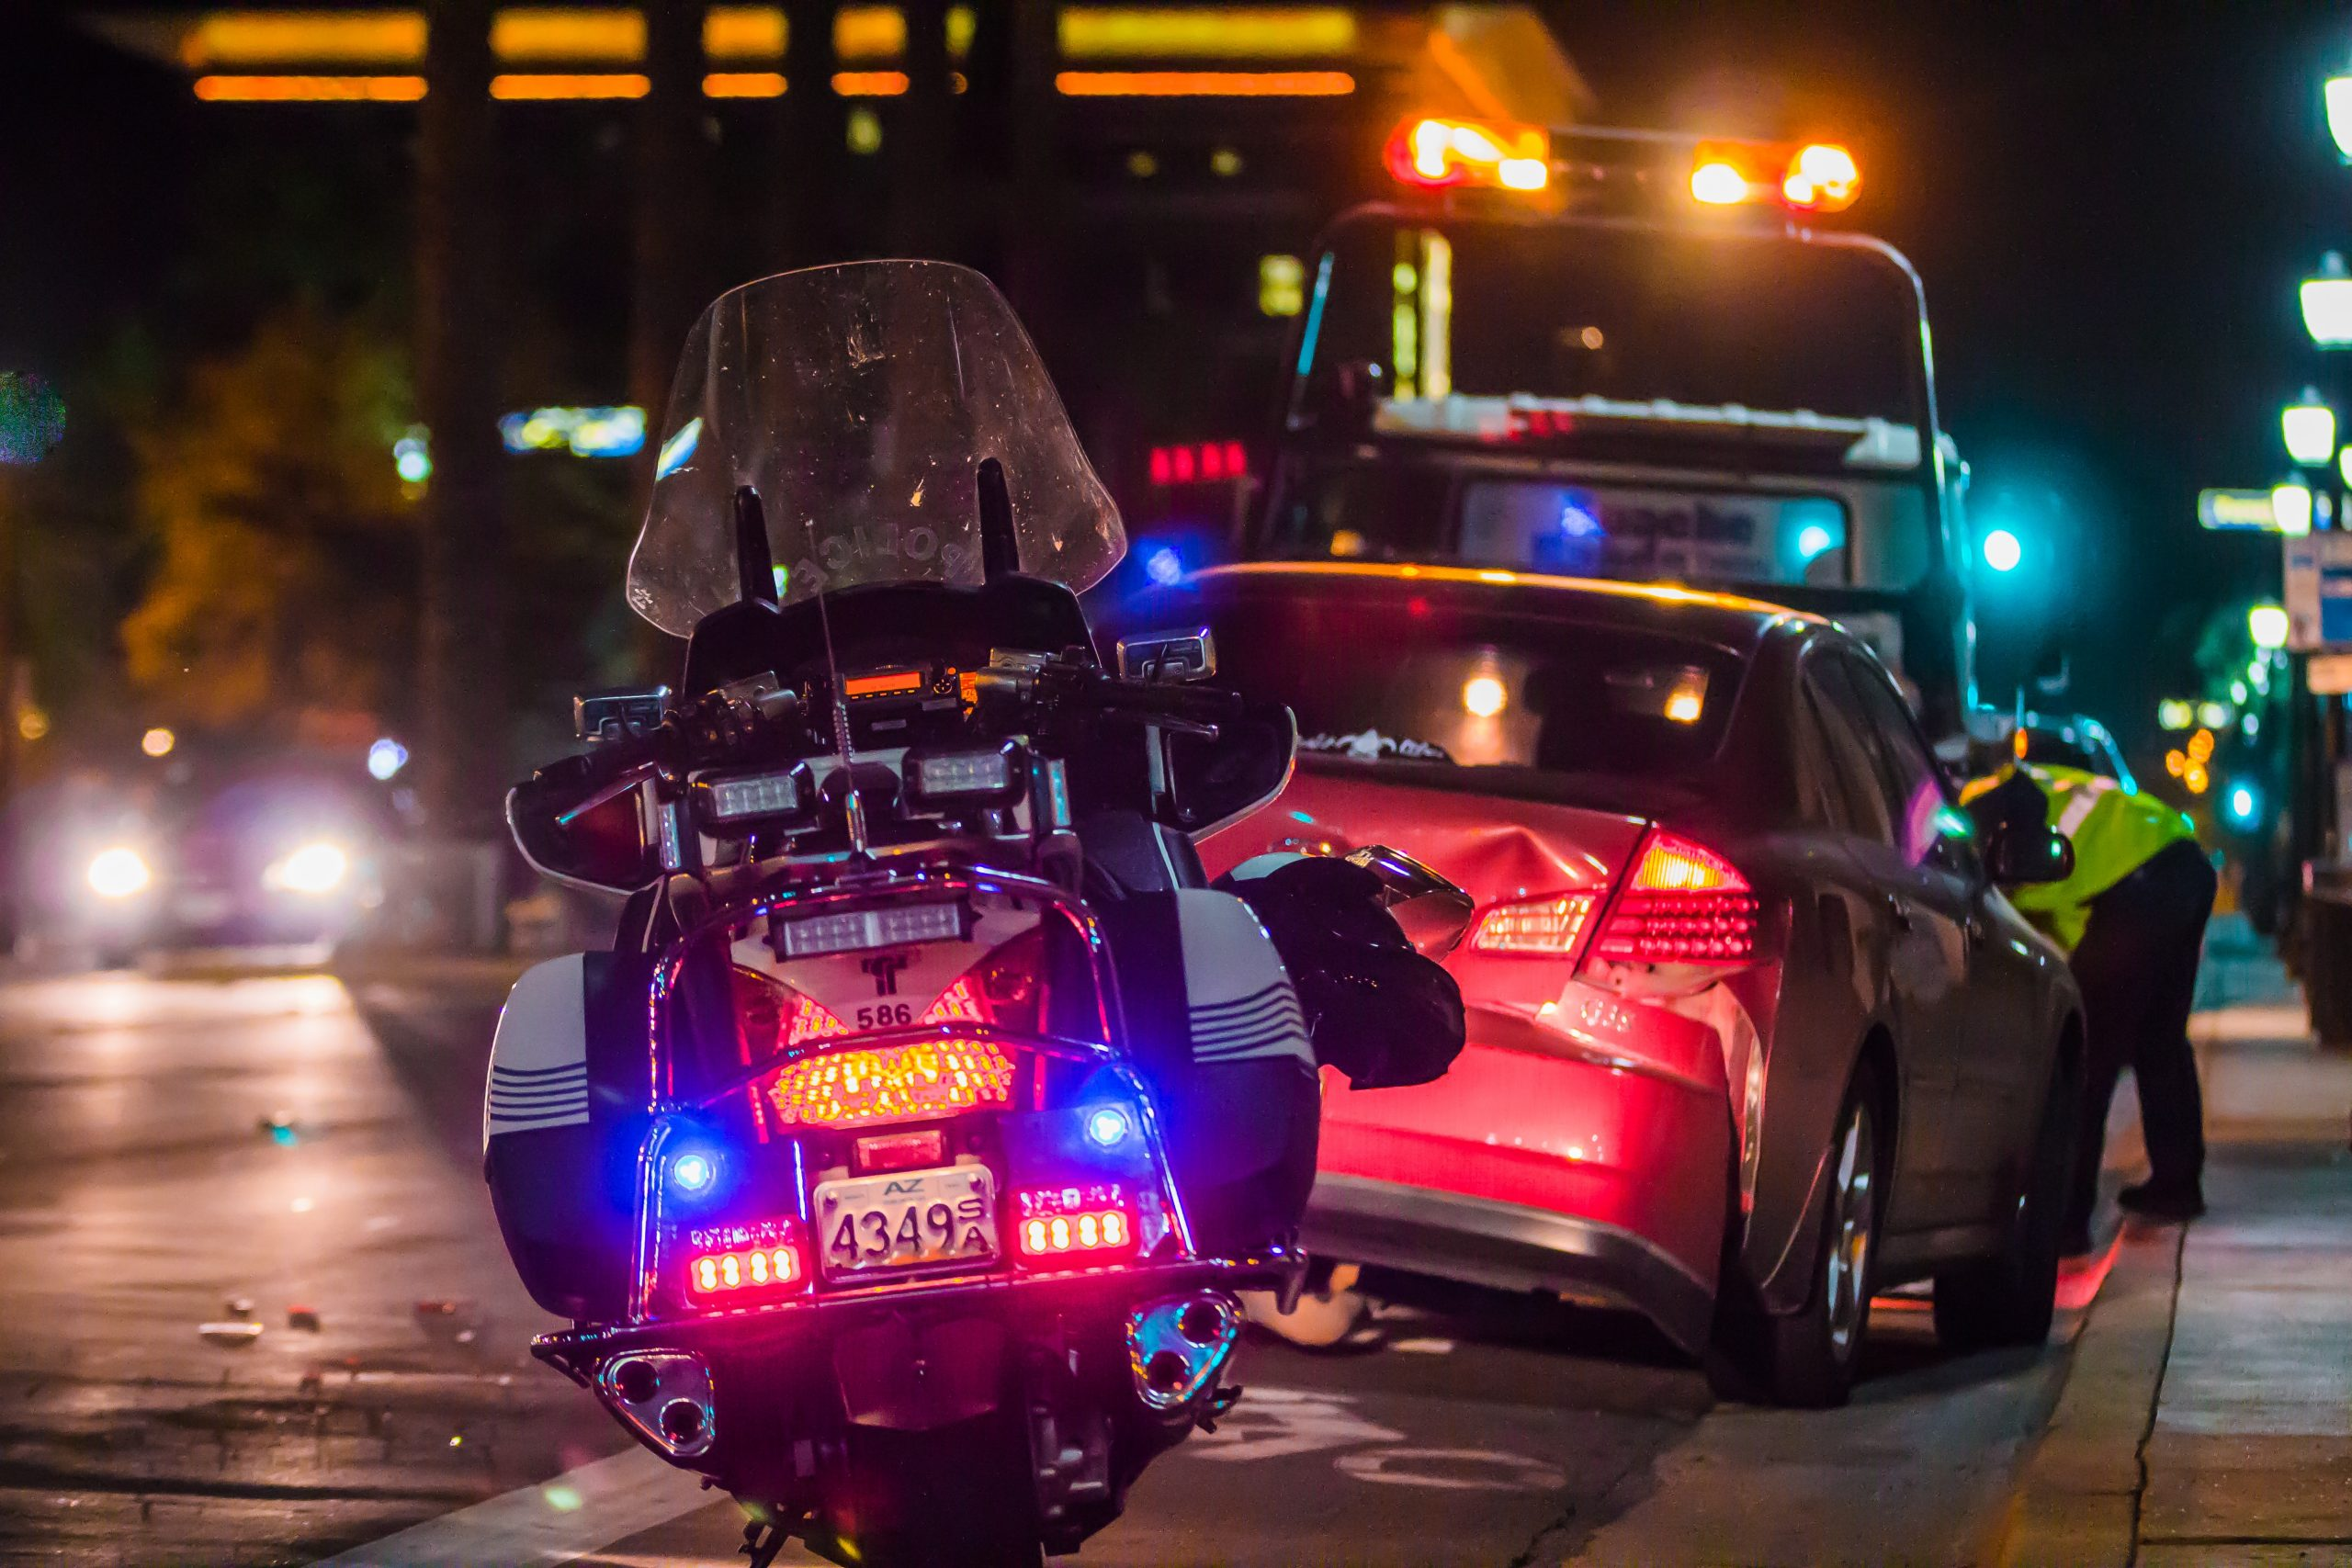 Police in accident scene